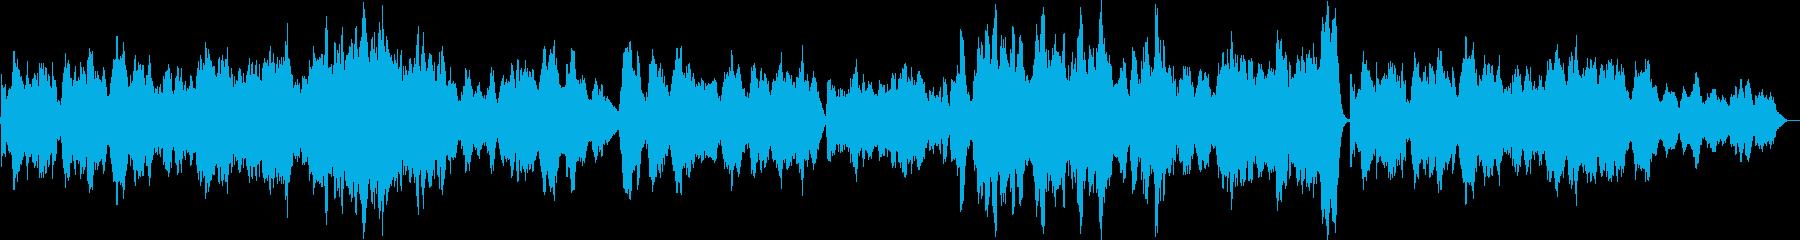 悲劇的な弦楽四重奏の再生済みの波形